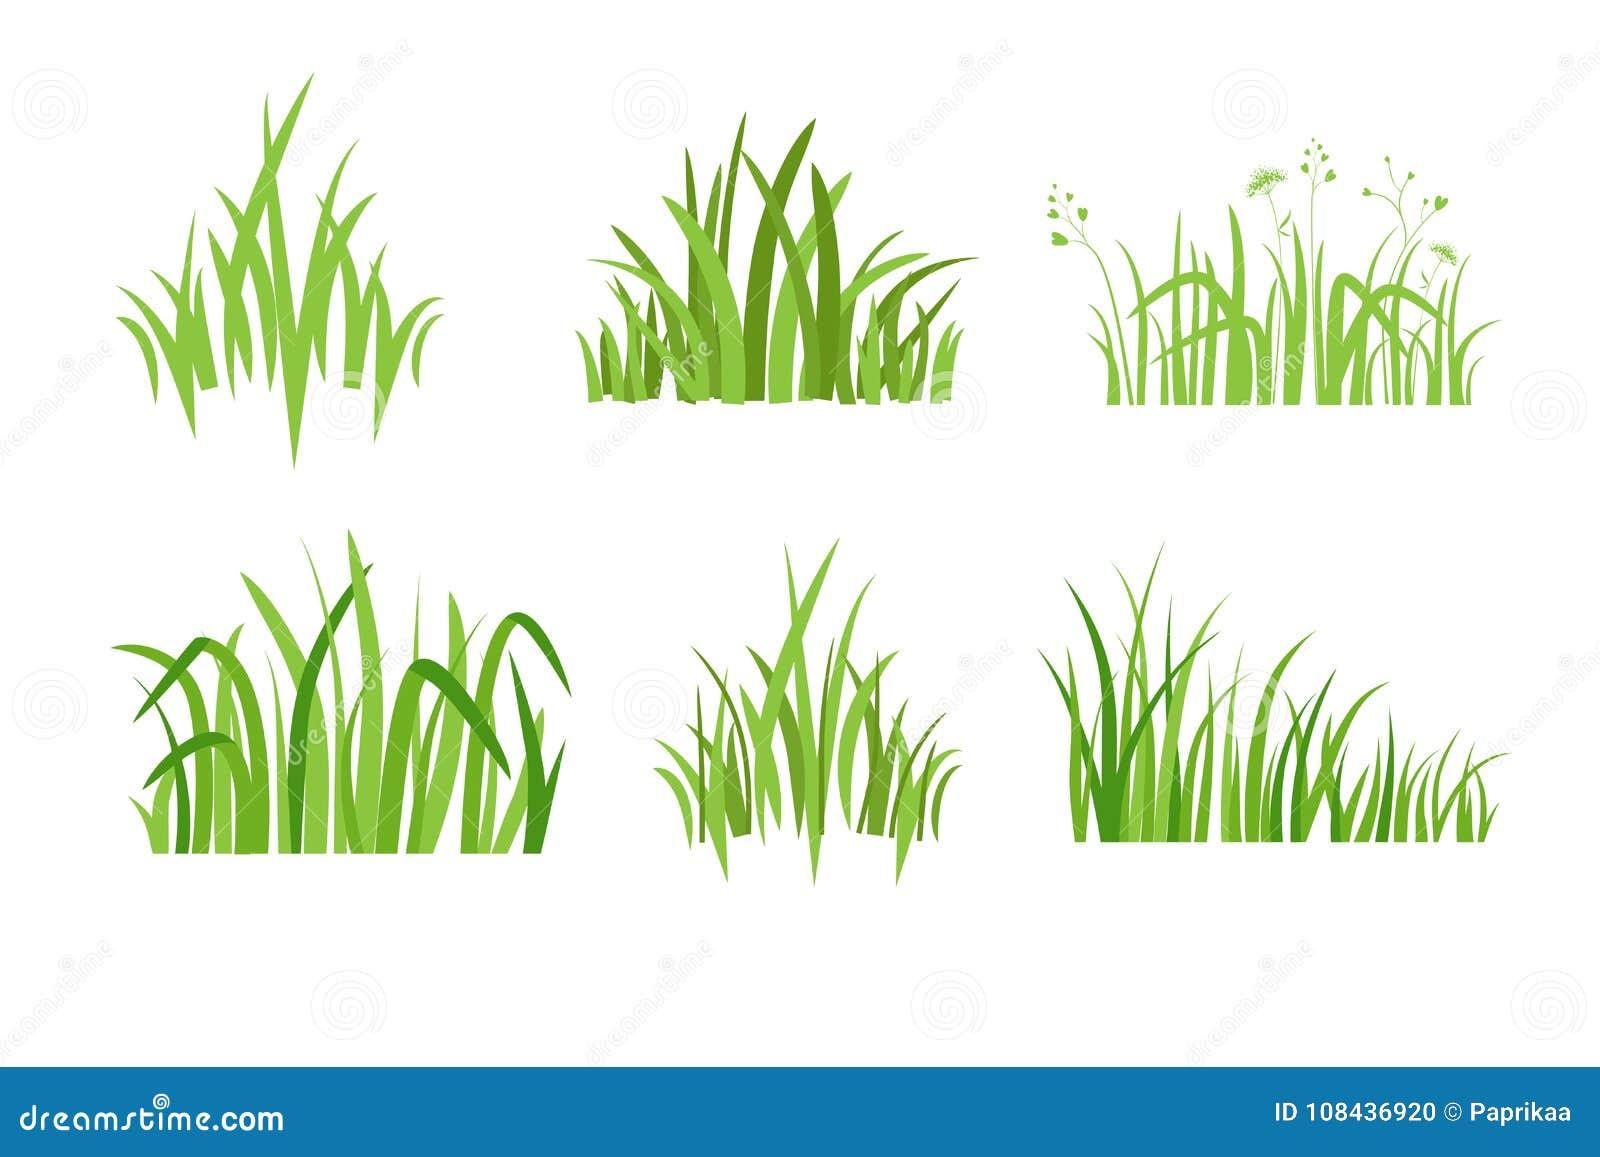 Ställ in symbolen Eco för grönt gräs